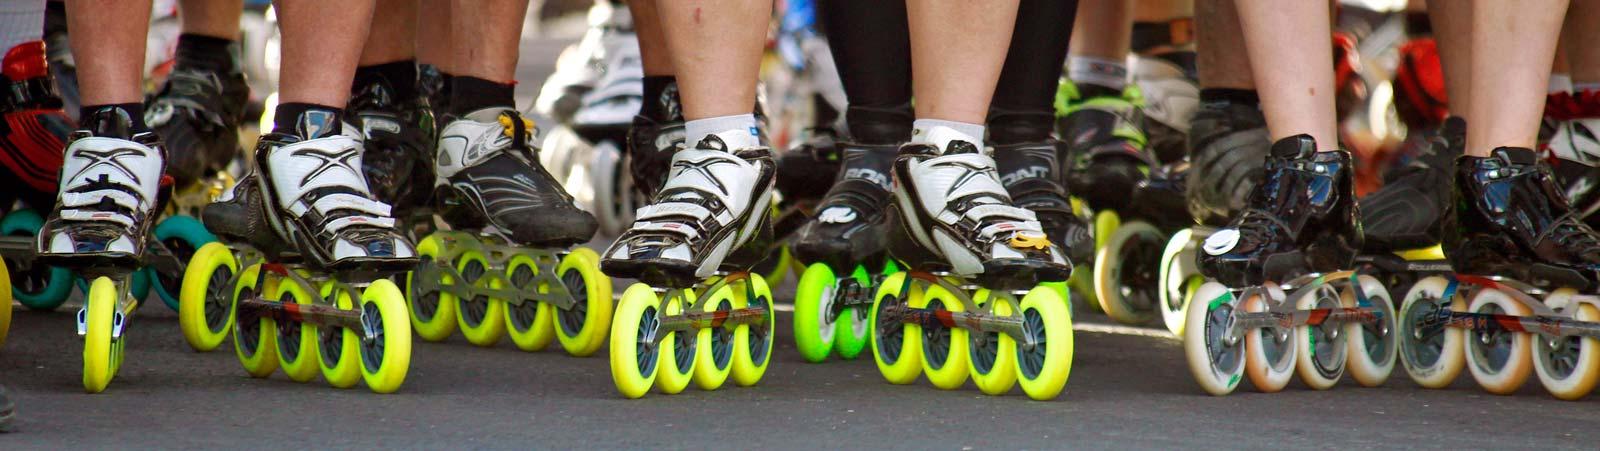 Rollsport und Inline-Skate Verband